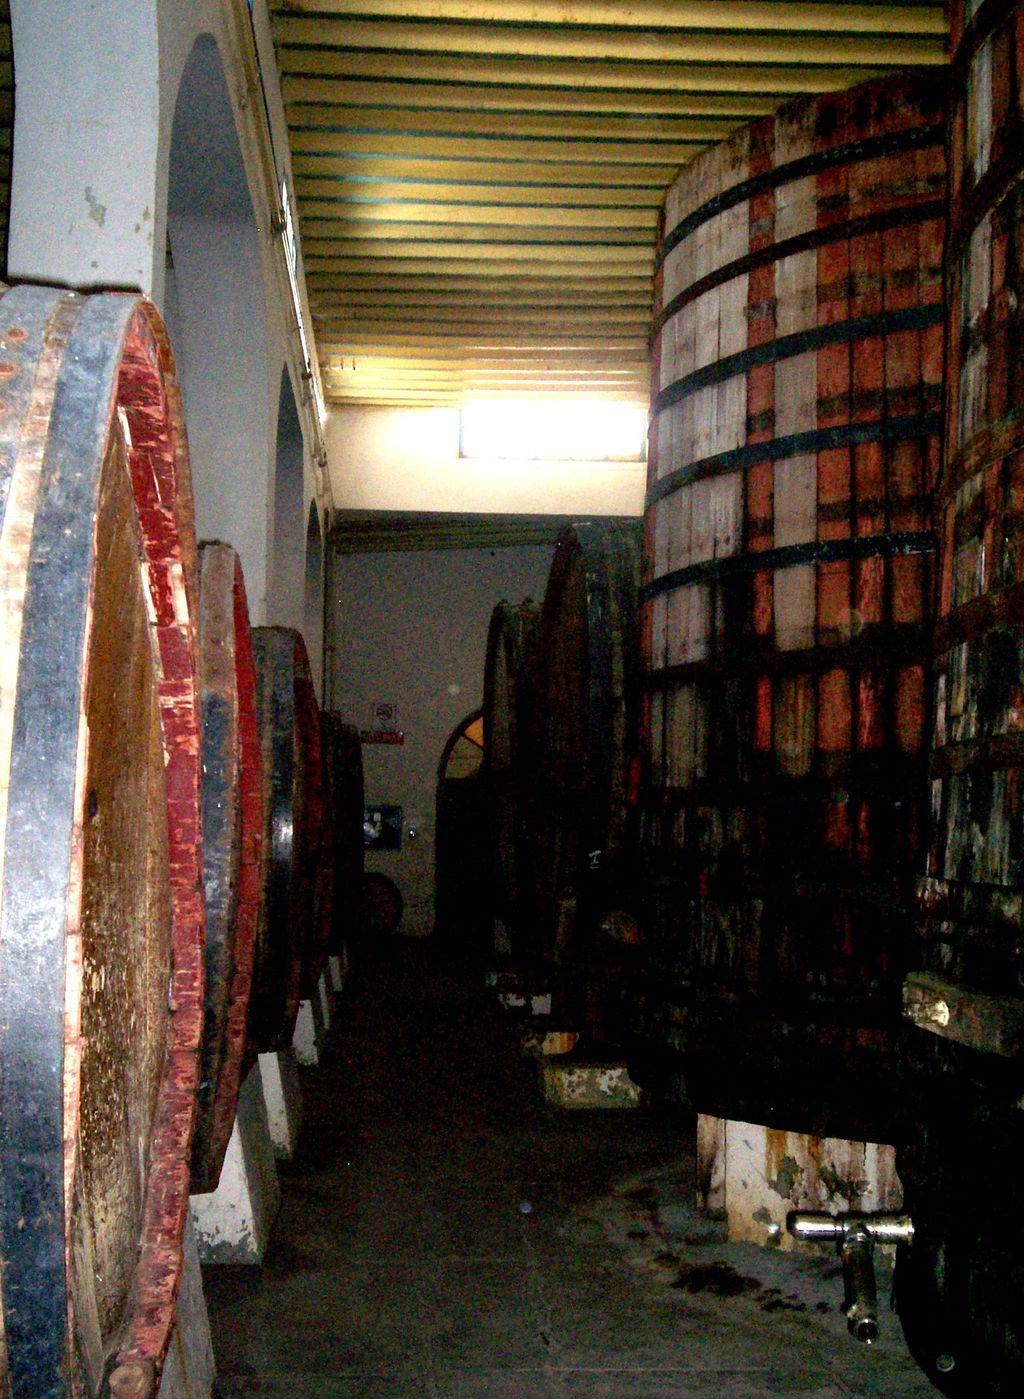 La cultura del vino del País de La Laguna